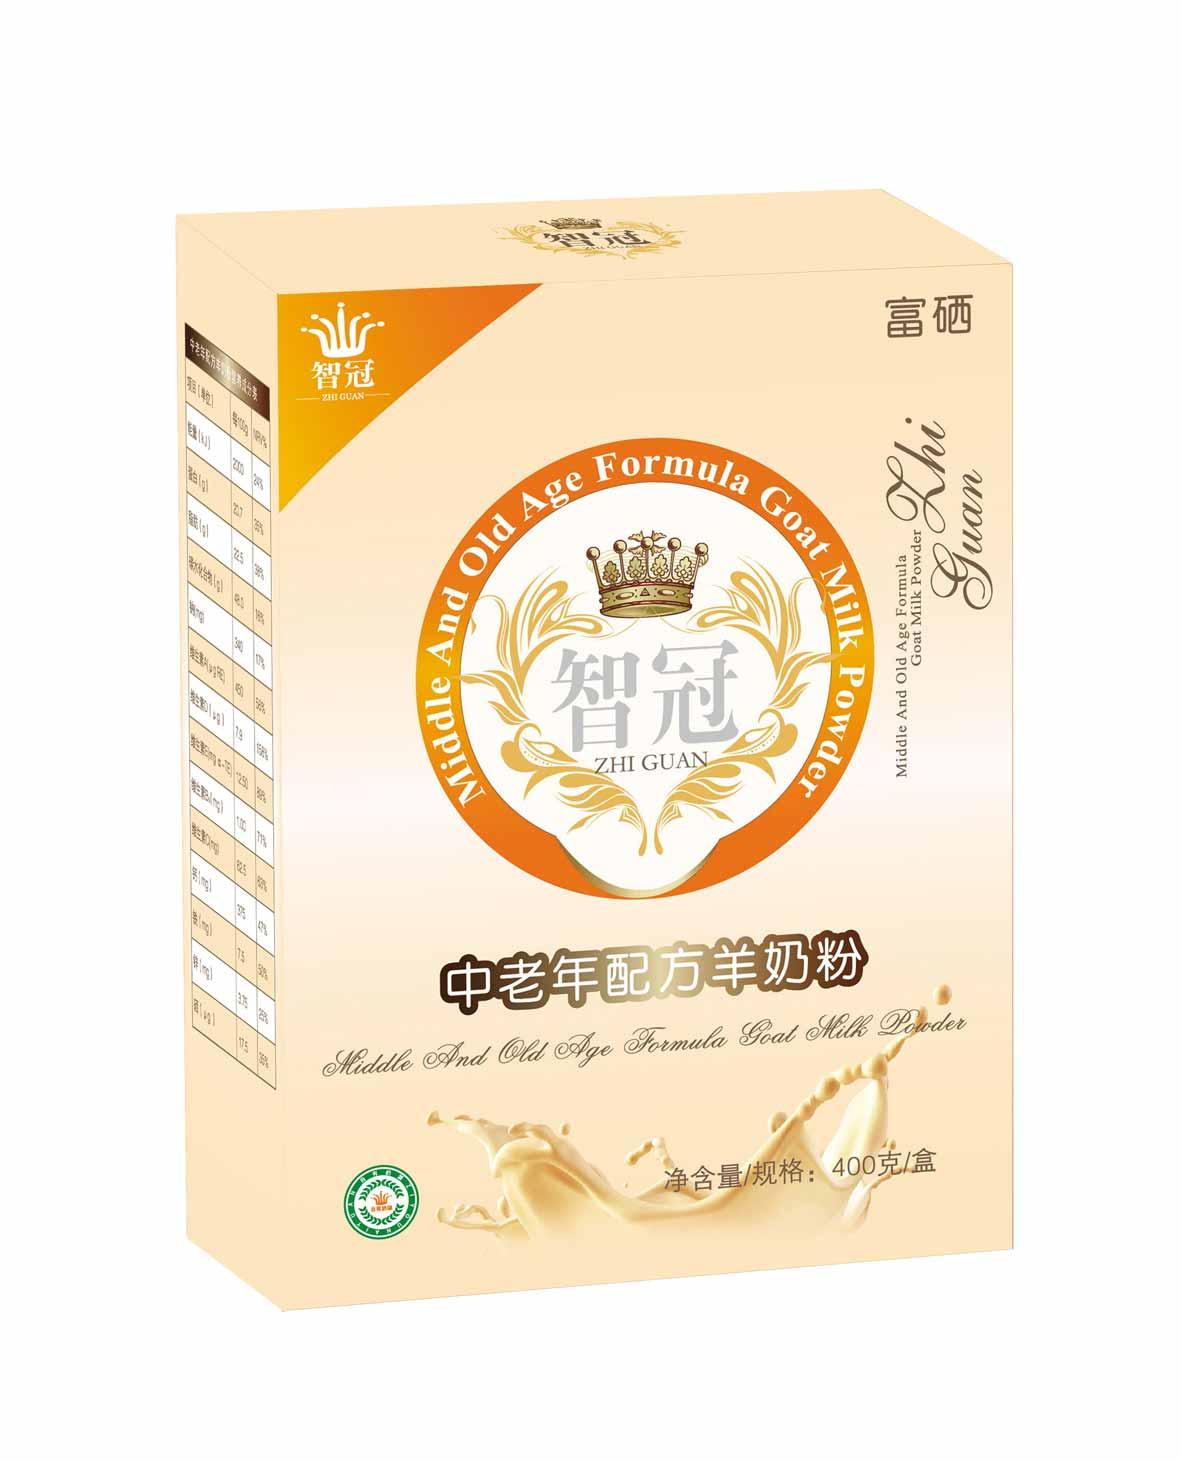 中老年羊奶粉招商_专业的中老年配方羊奶粉特别推荐